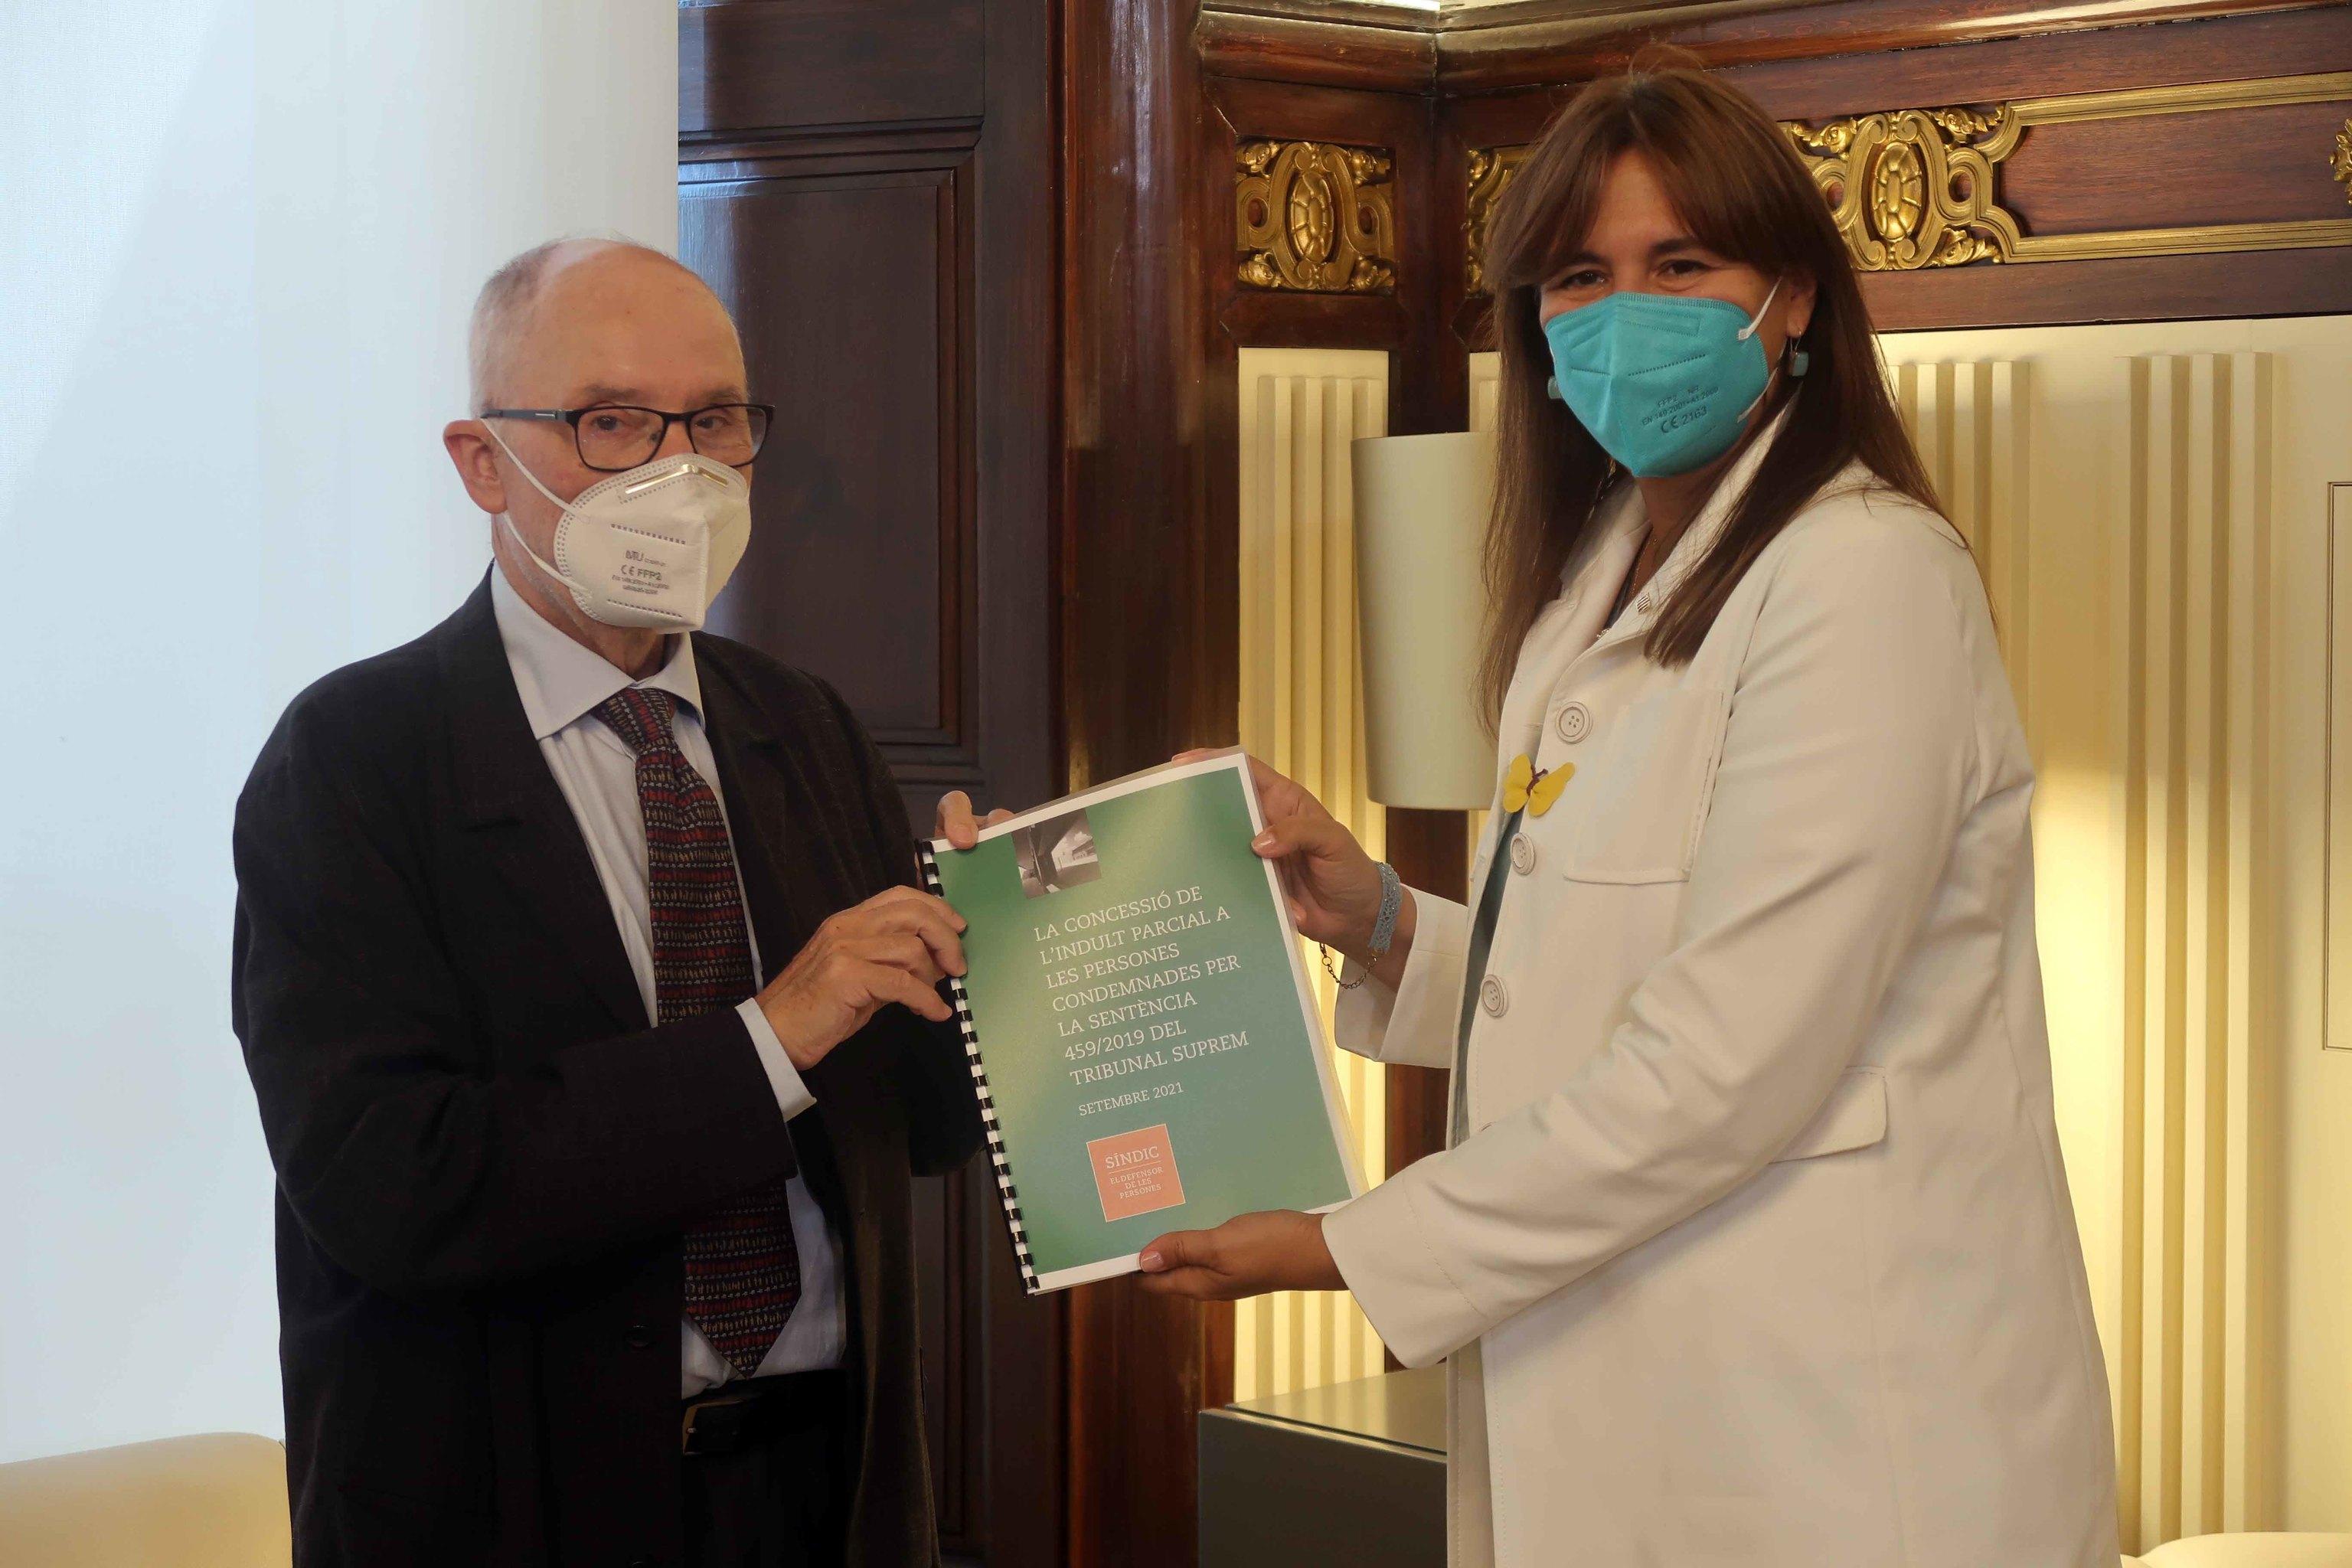 Ribó entrega el informe a Borràs